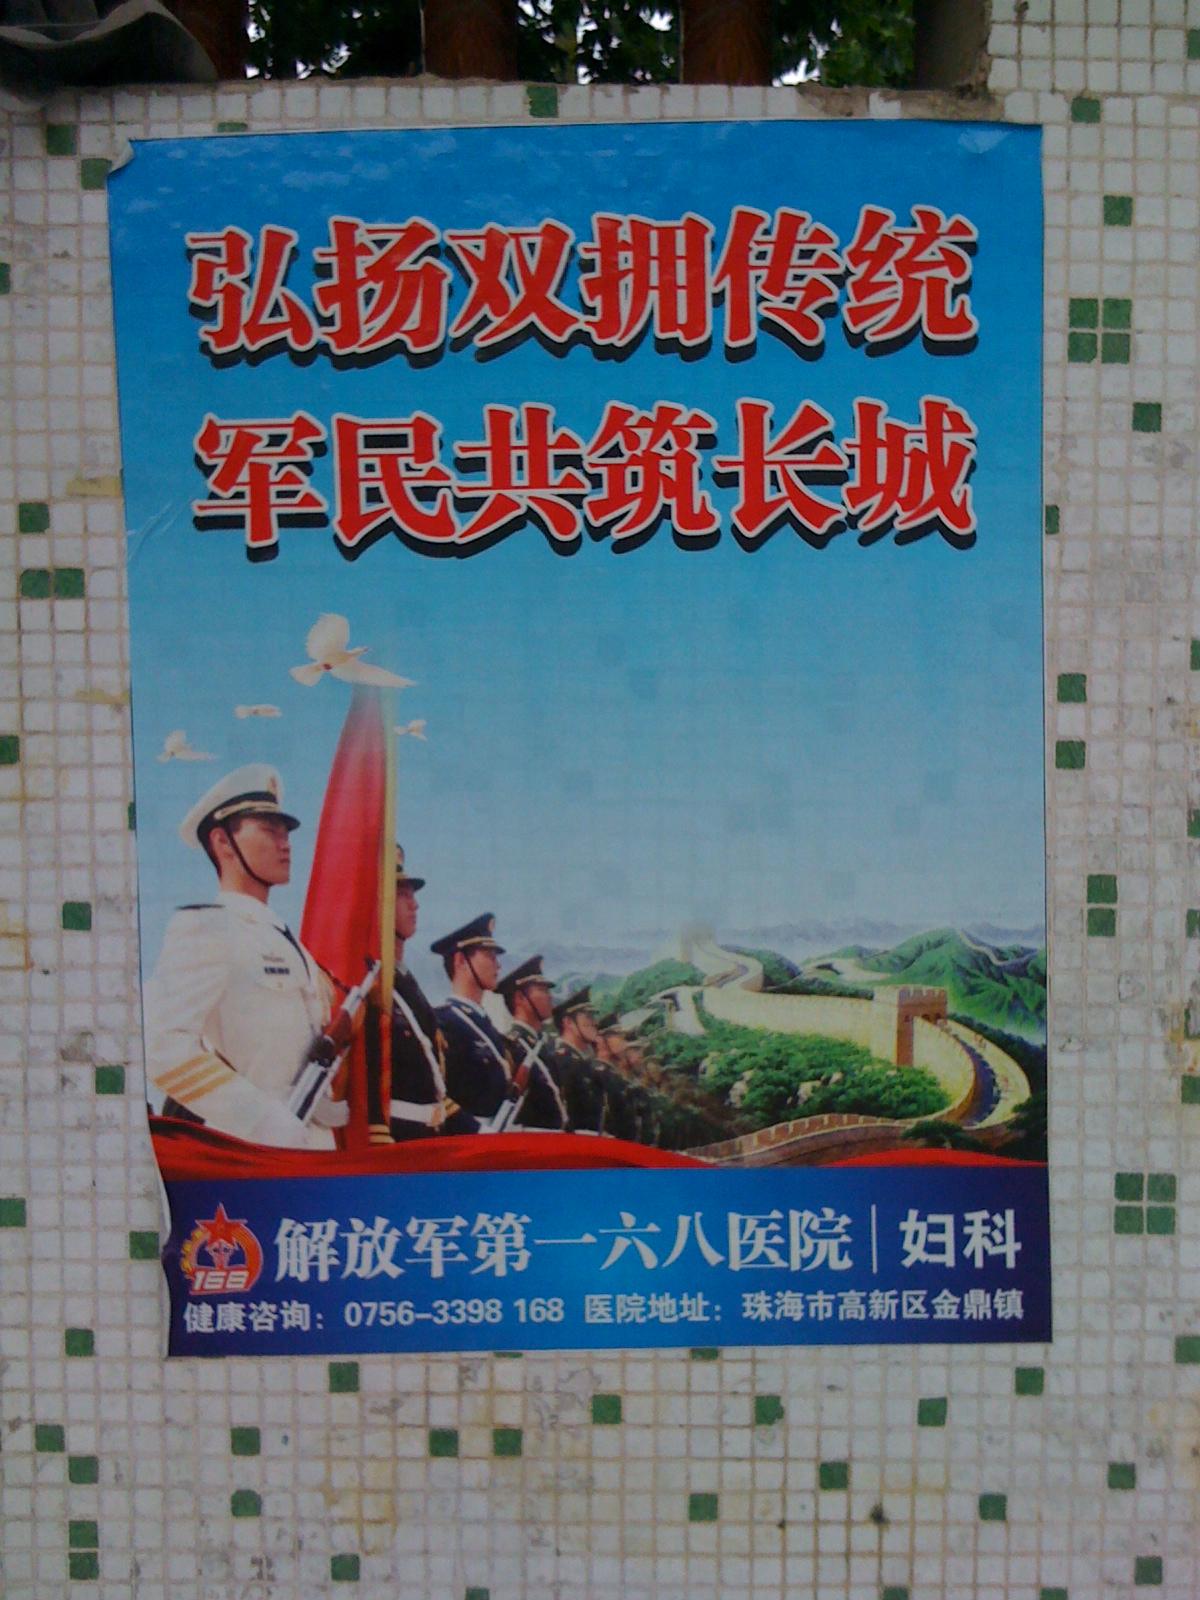 中国での定期健康検査